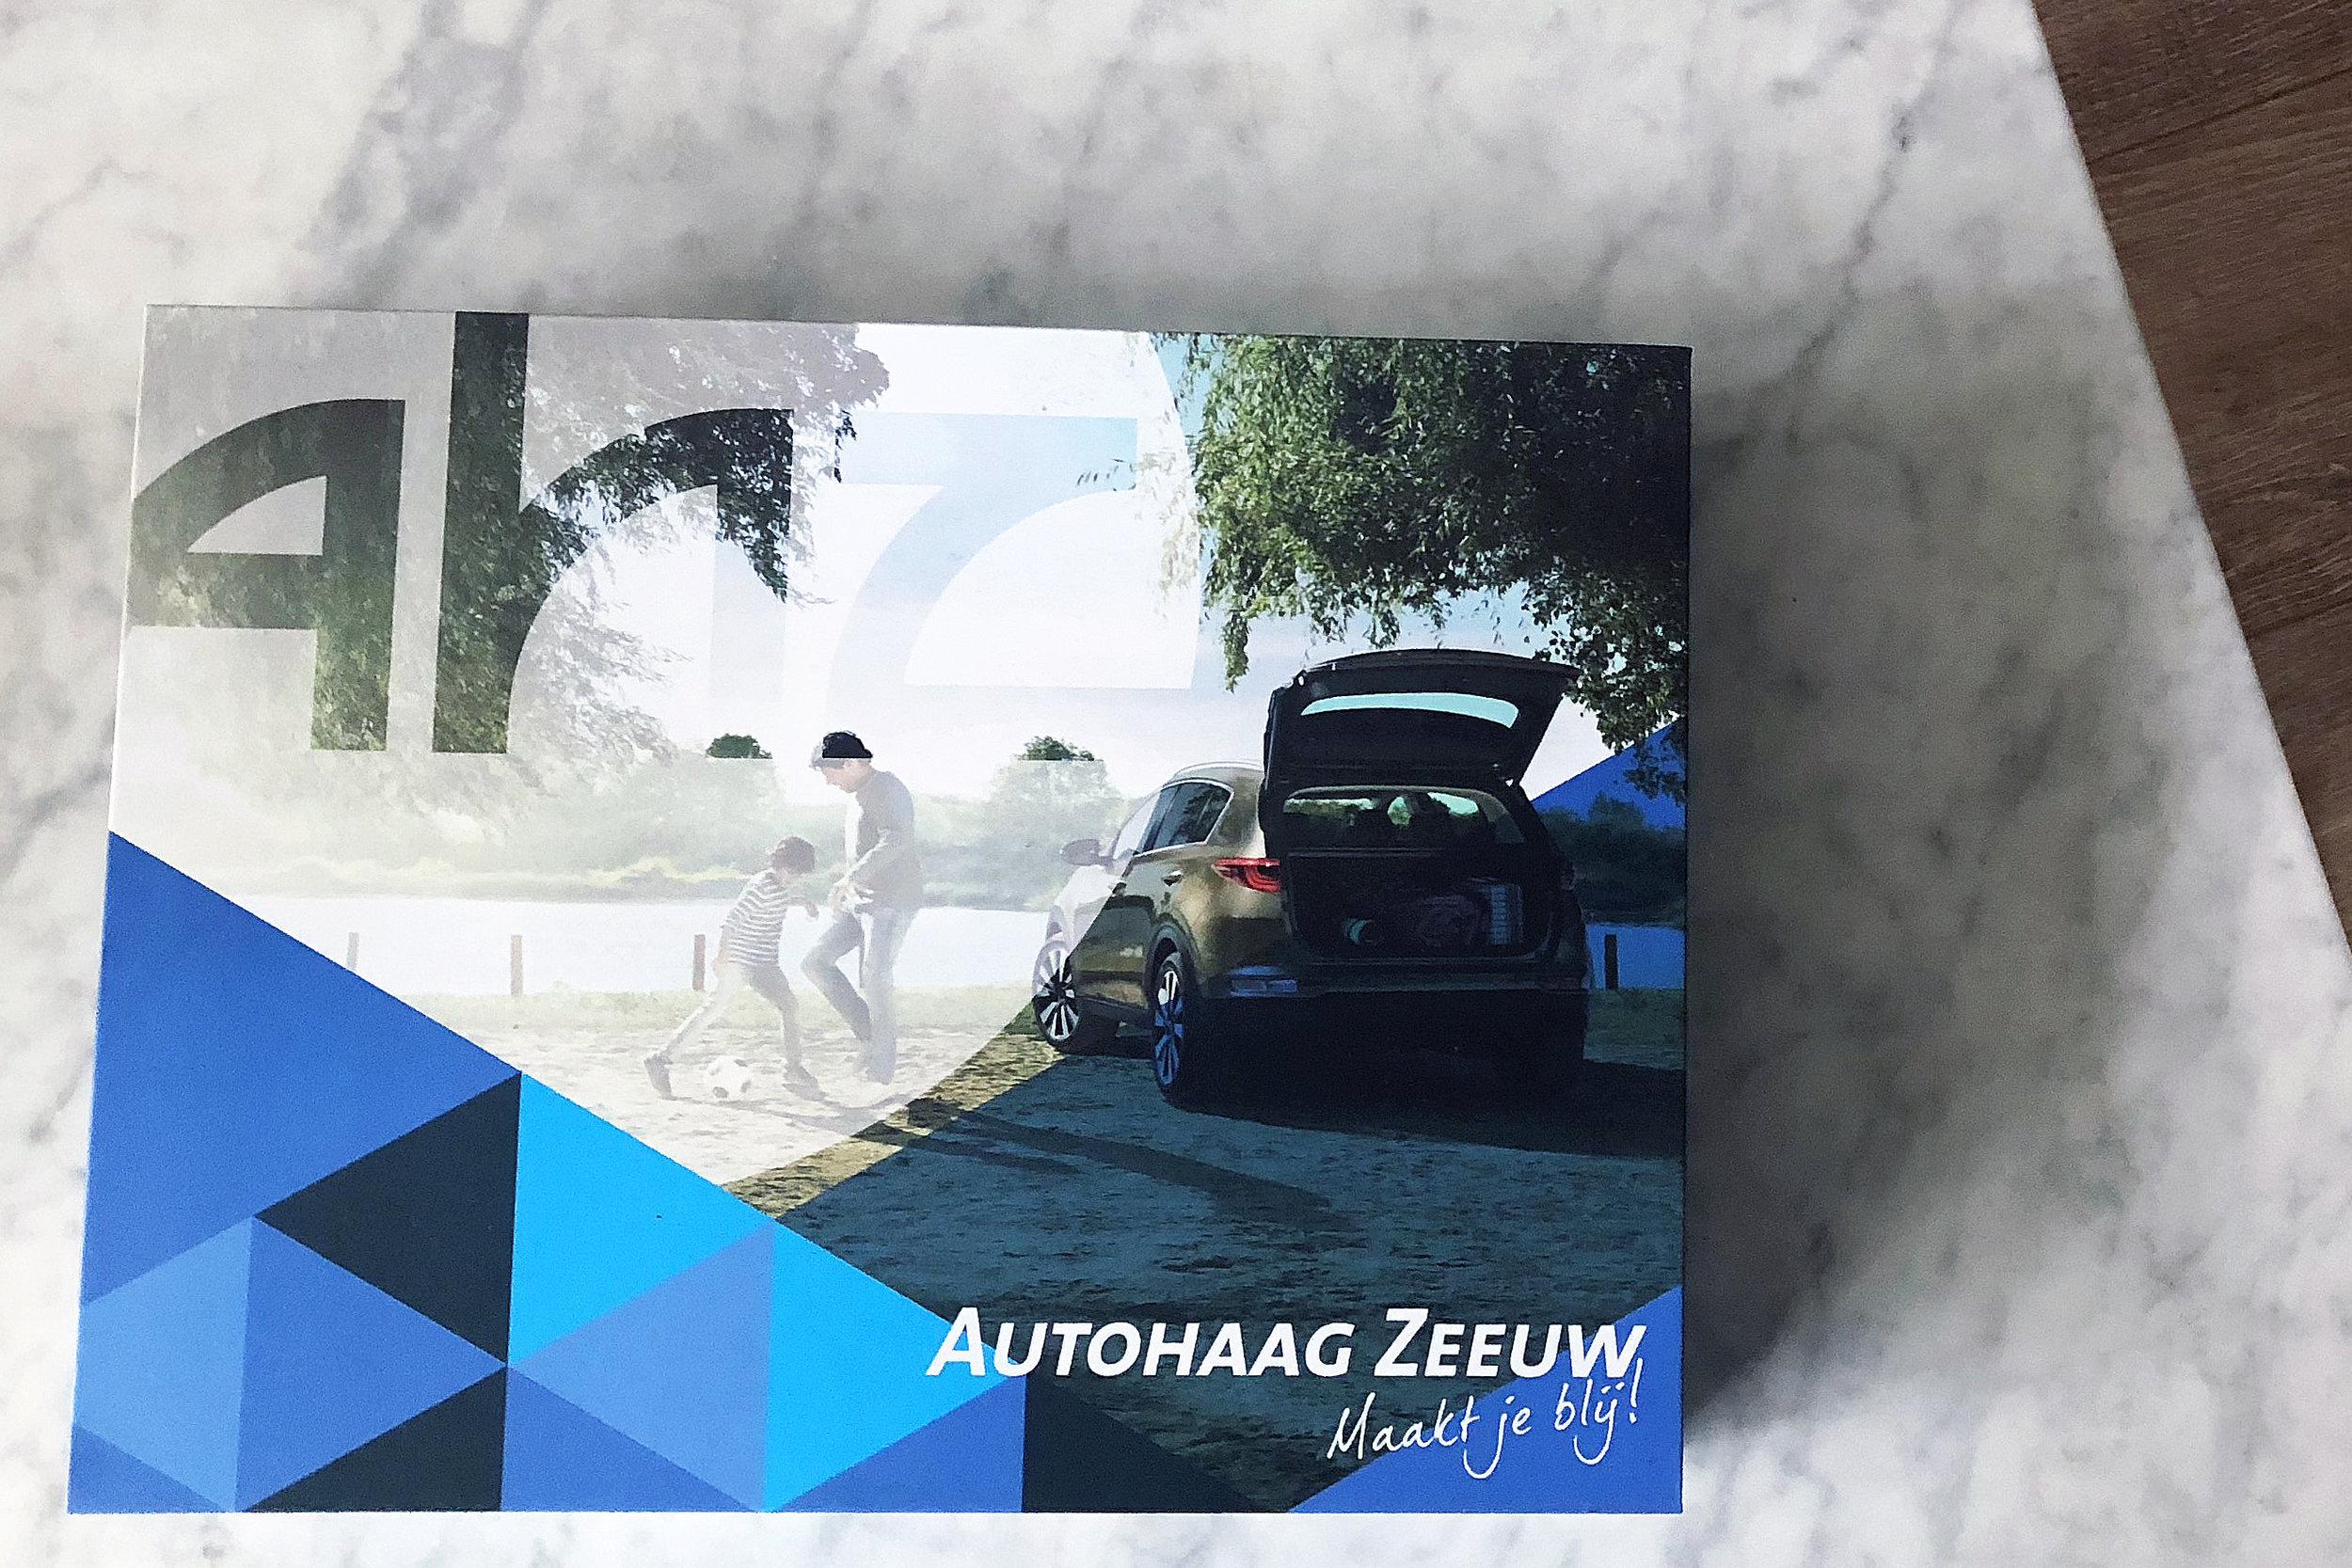 Autohaag Zeeuw box